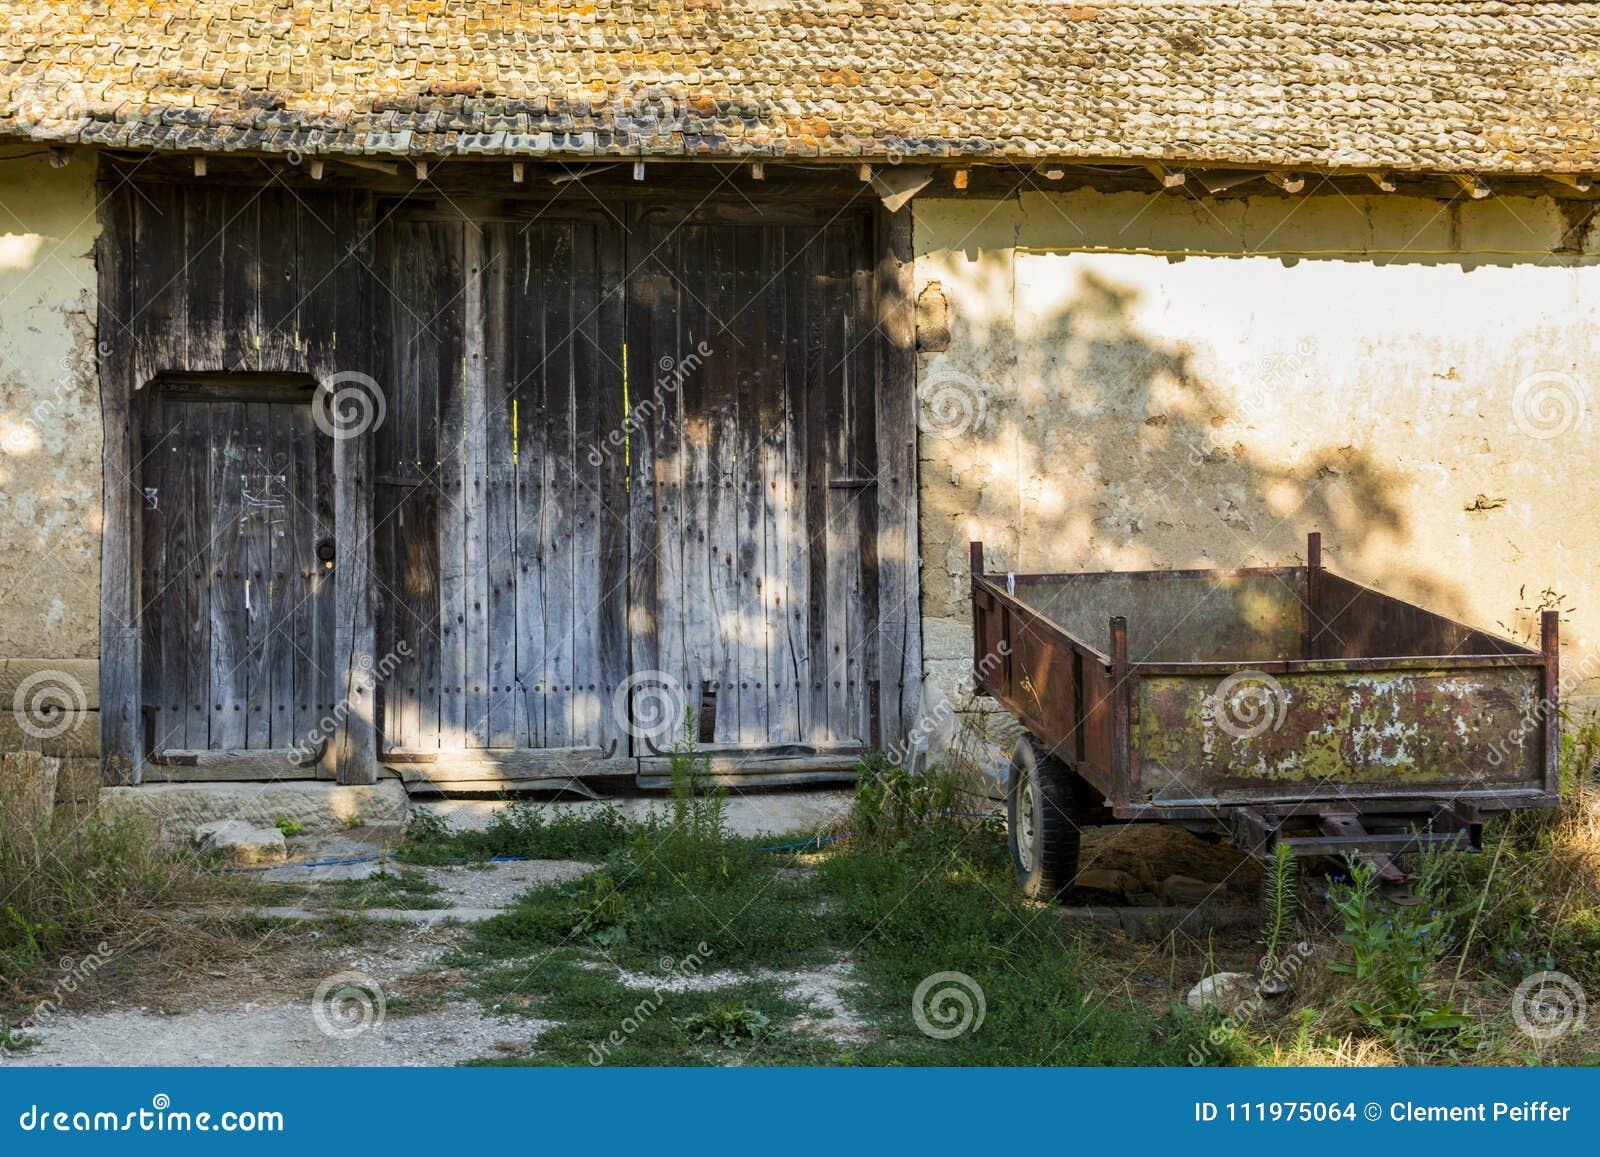 Παλαιό και σκουριασμένο ρυμουλκό μπροστά από ένα εγκαταλειμμένο αγρόκτημα